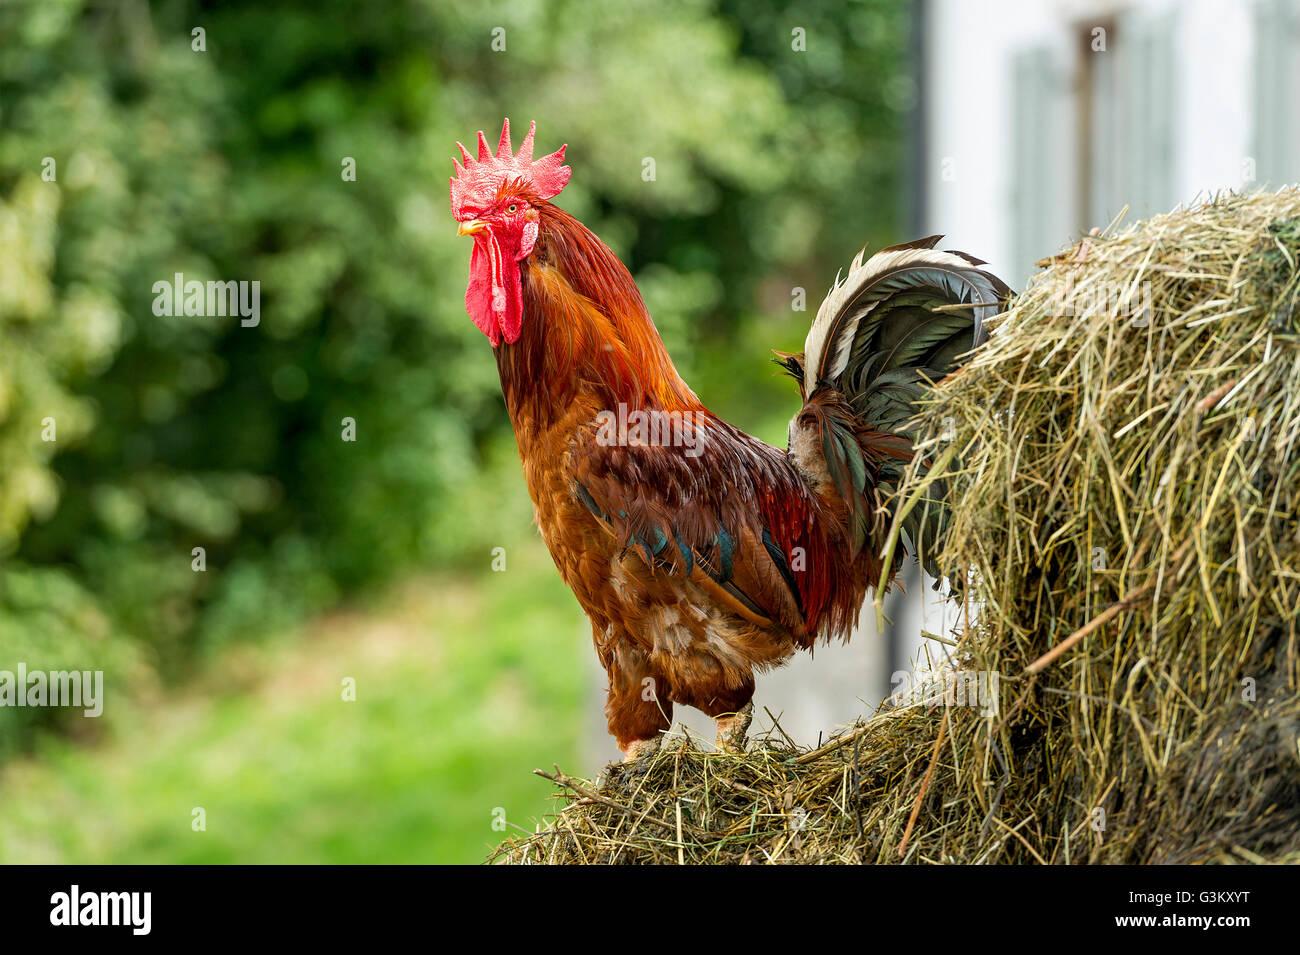 Carne di pollo (Gallus gallus domesticus), gallo sul mucchio di letame, Alta Baviera, Baviera, Germania Immagini Stock